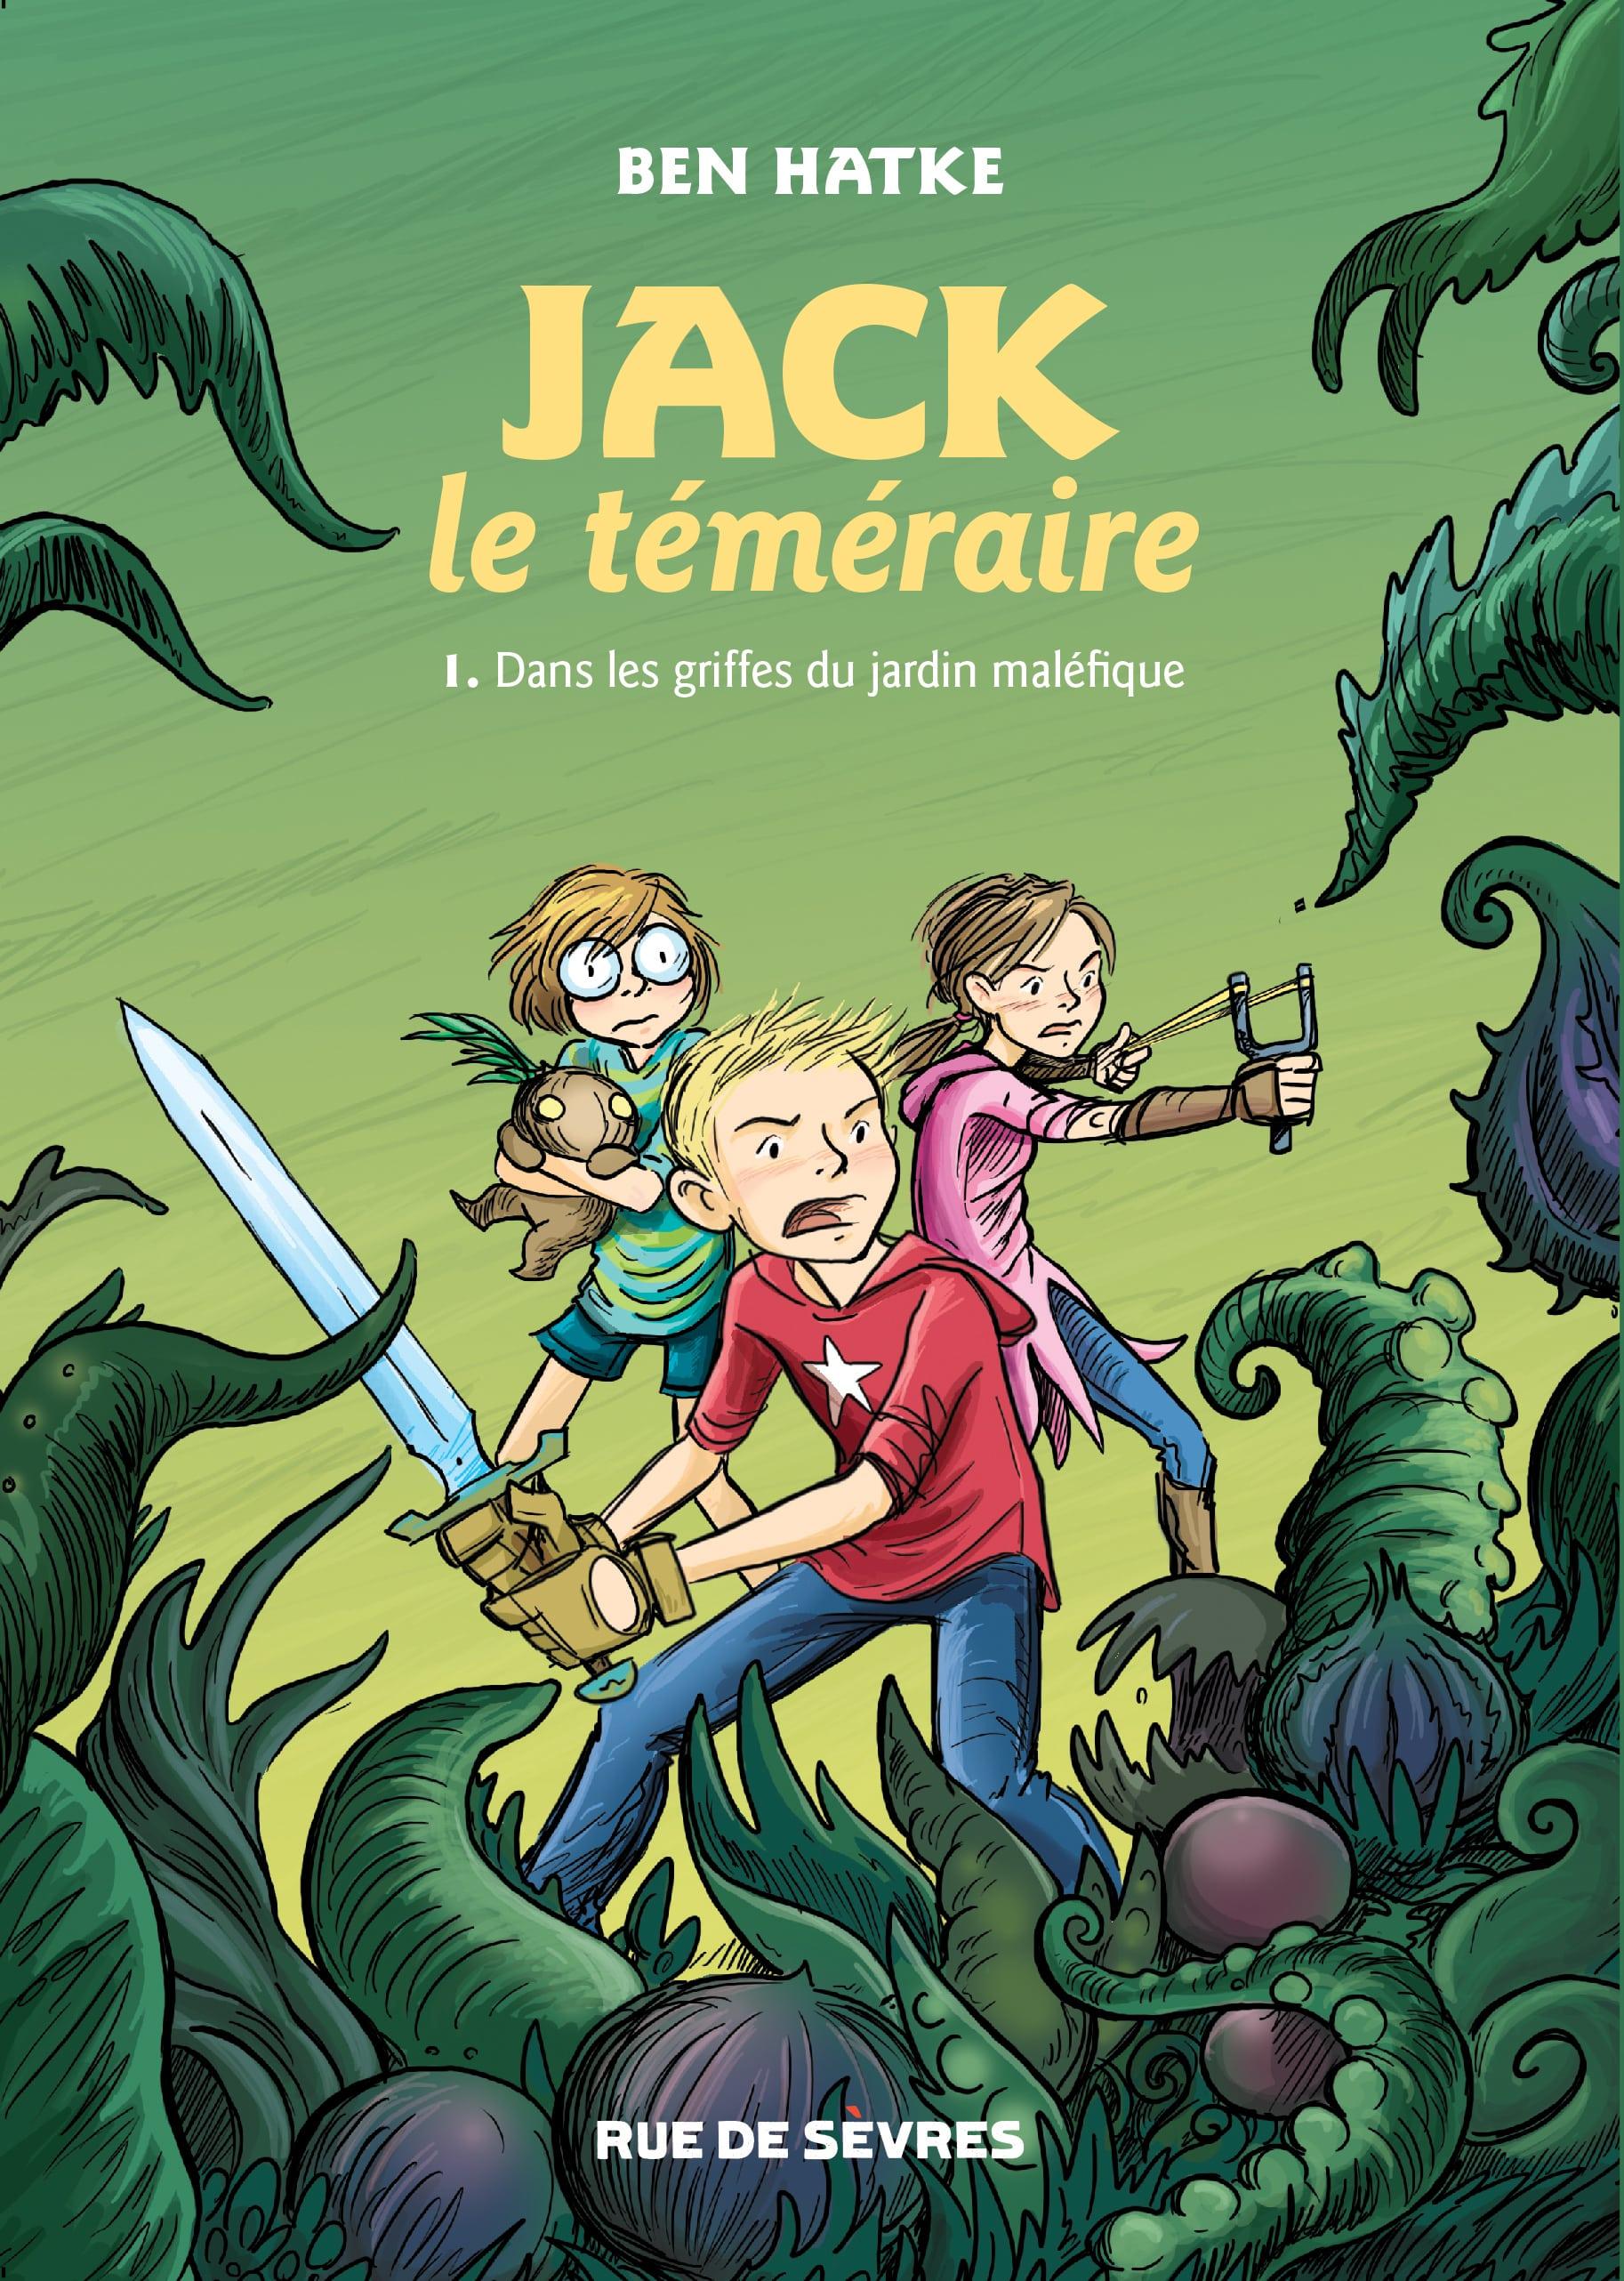 Jack le téméraire, au pays des fleurs magiques